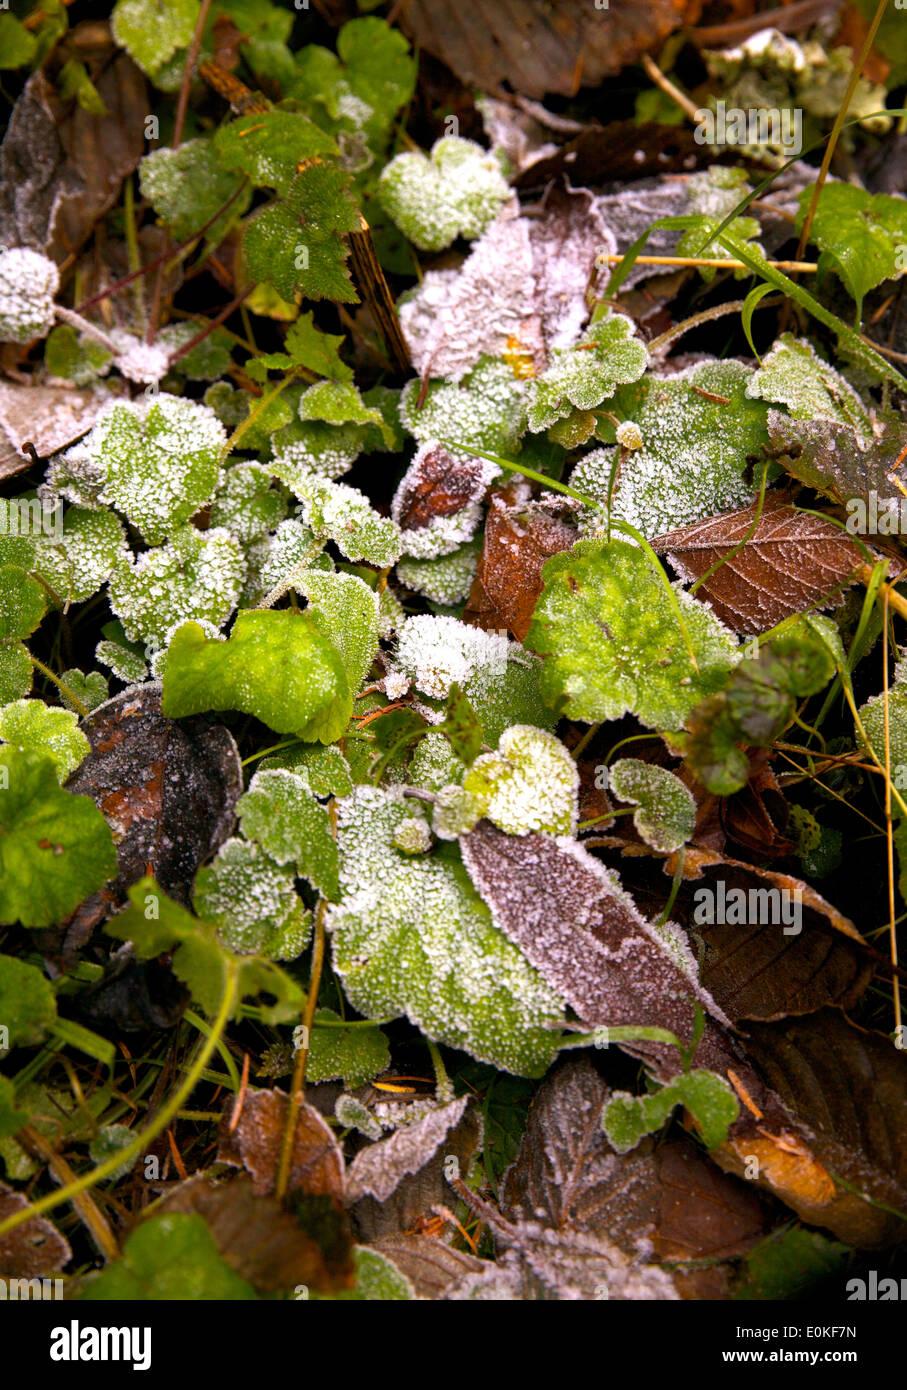 Ein Patch der Frost auf grün und braun hinterlässt auf den Waldboden. Stockbild